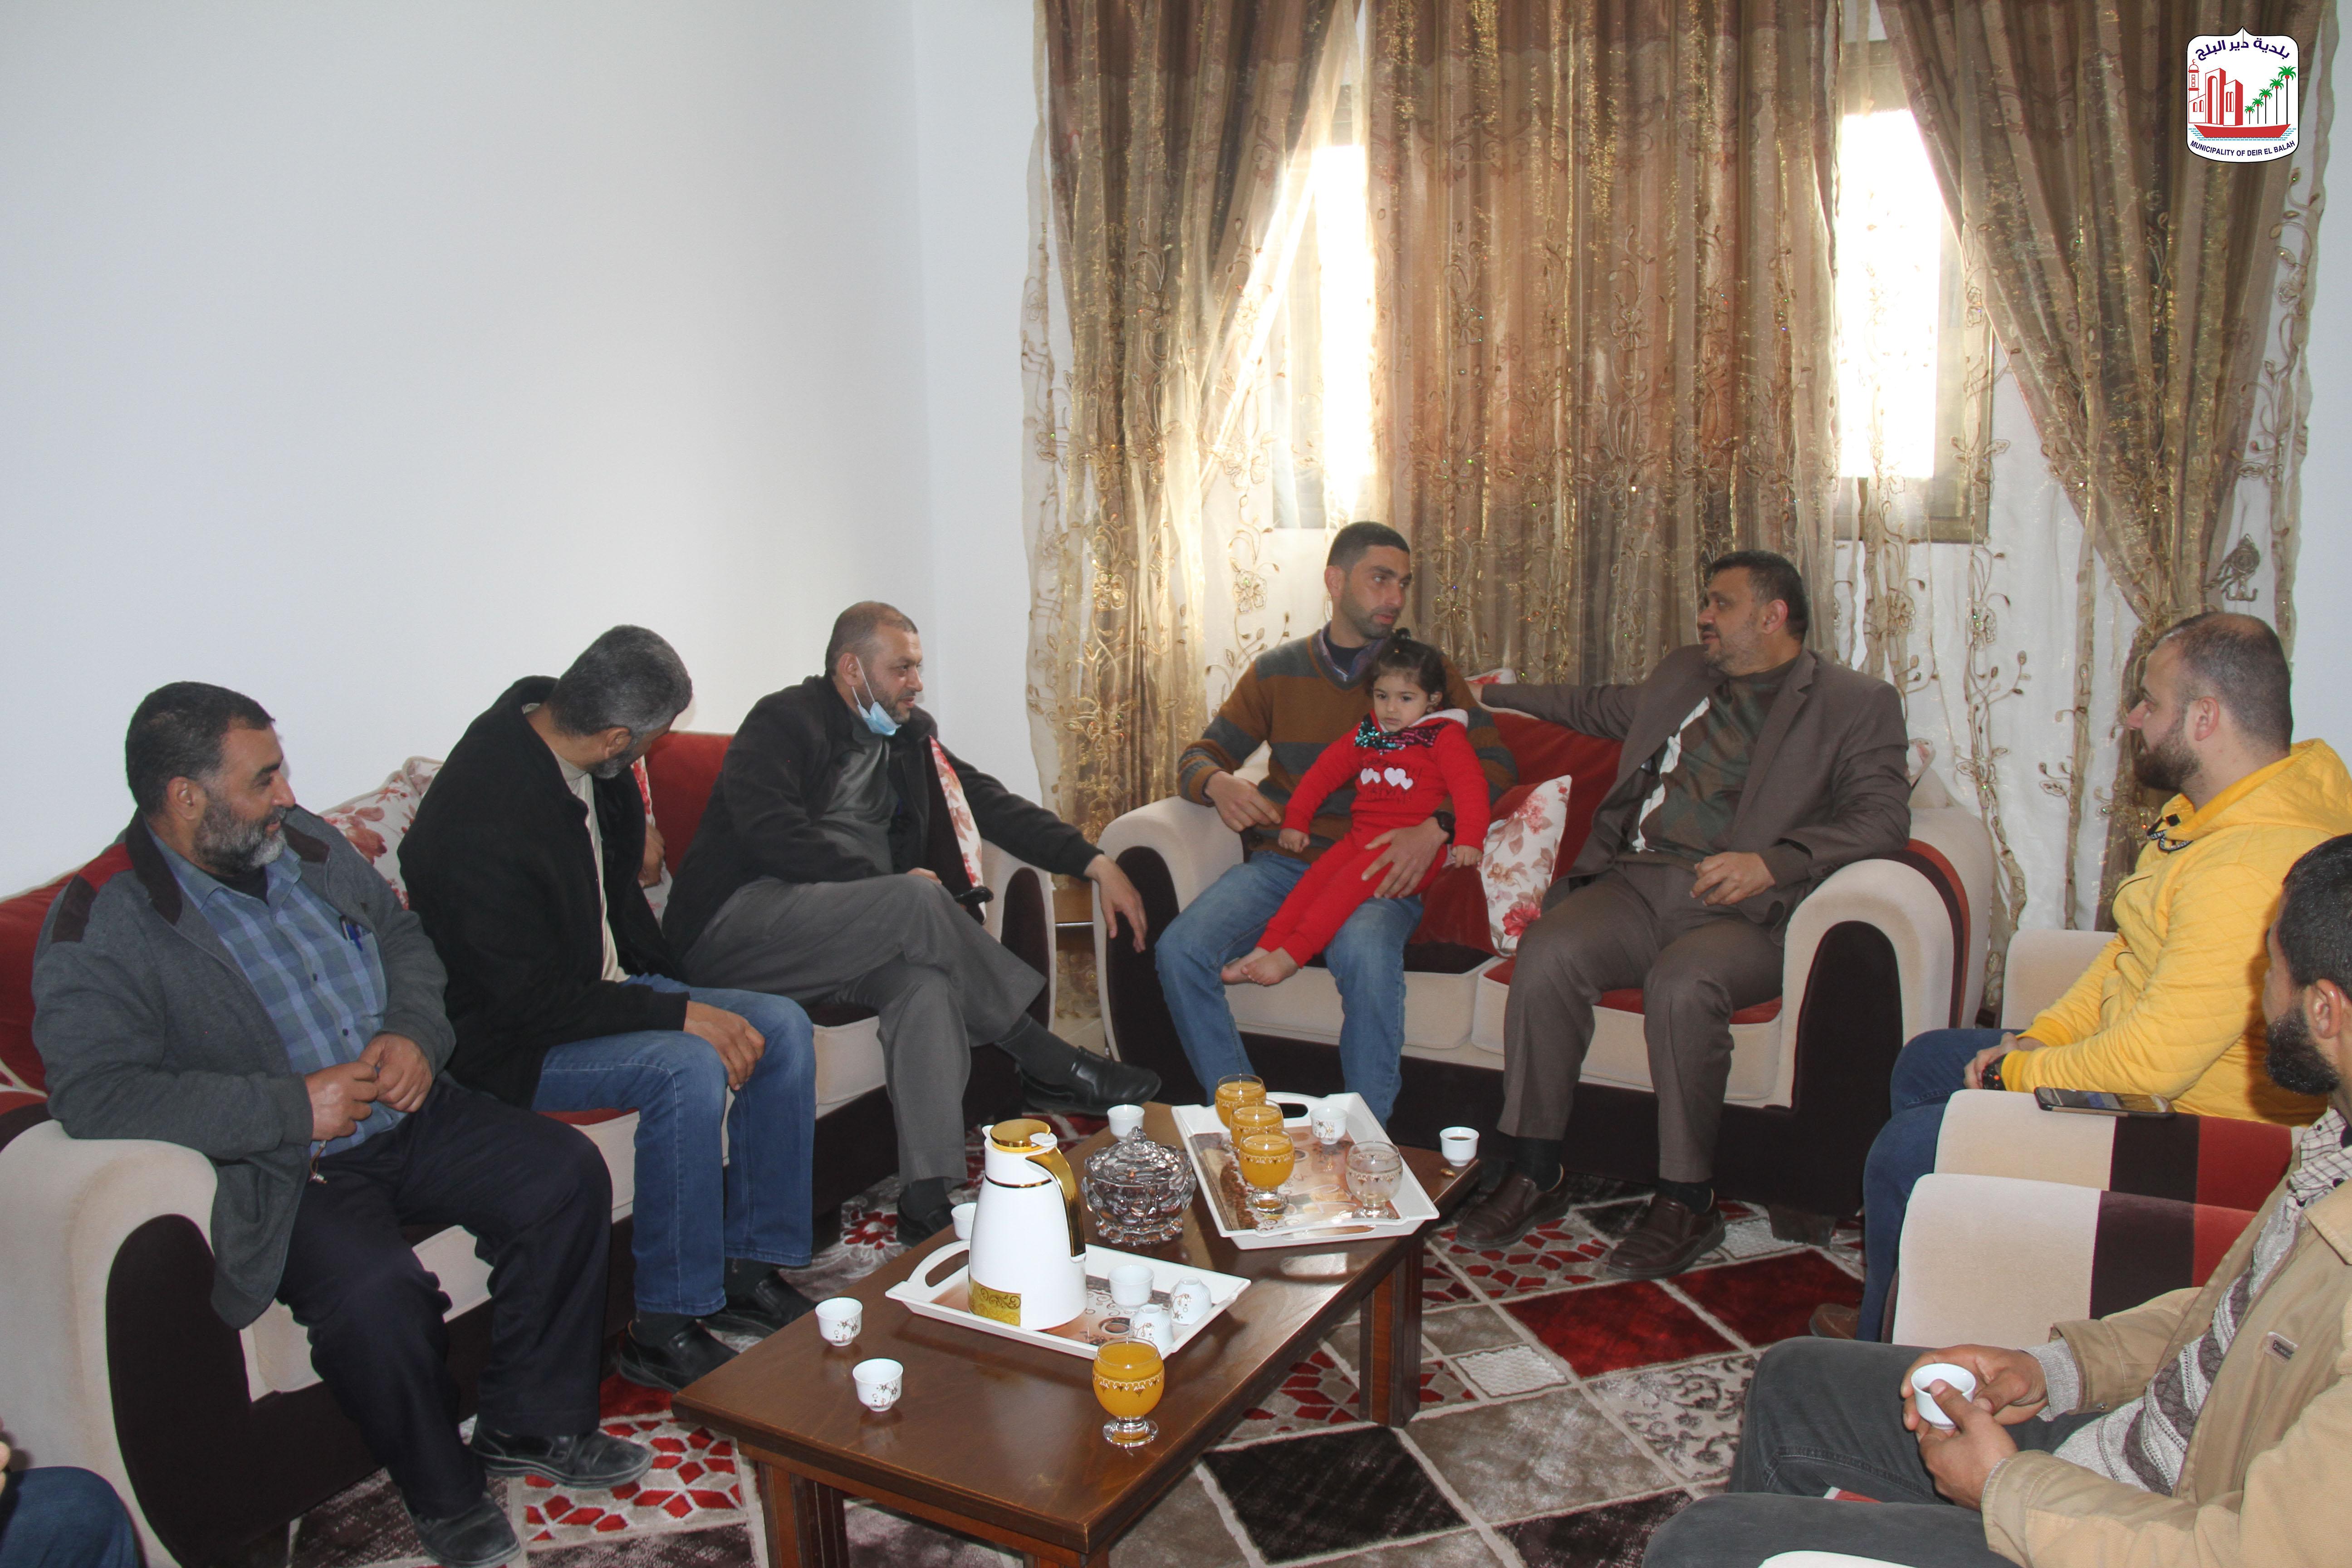 رئيس البلدية  يرافقه عدد من الموظفين خلال زيارته لموظفي البلدية ومشاركتهم مناسباتهم